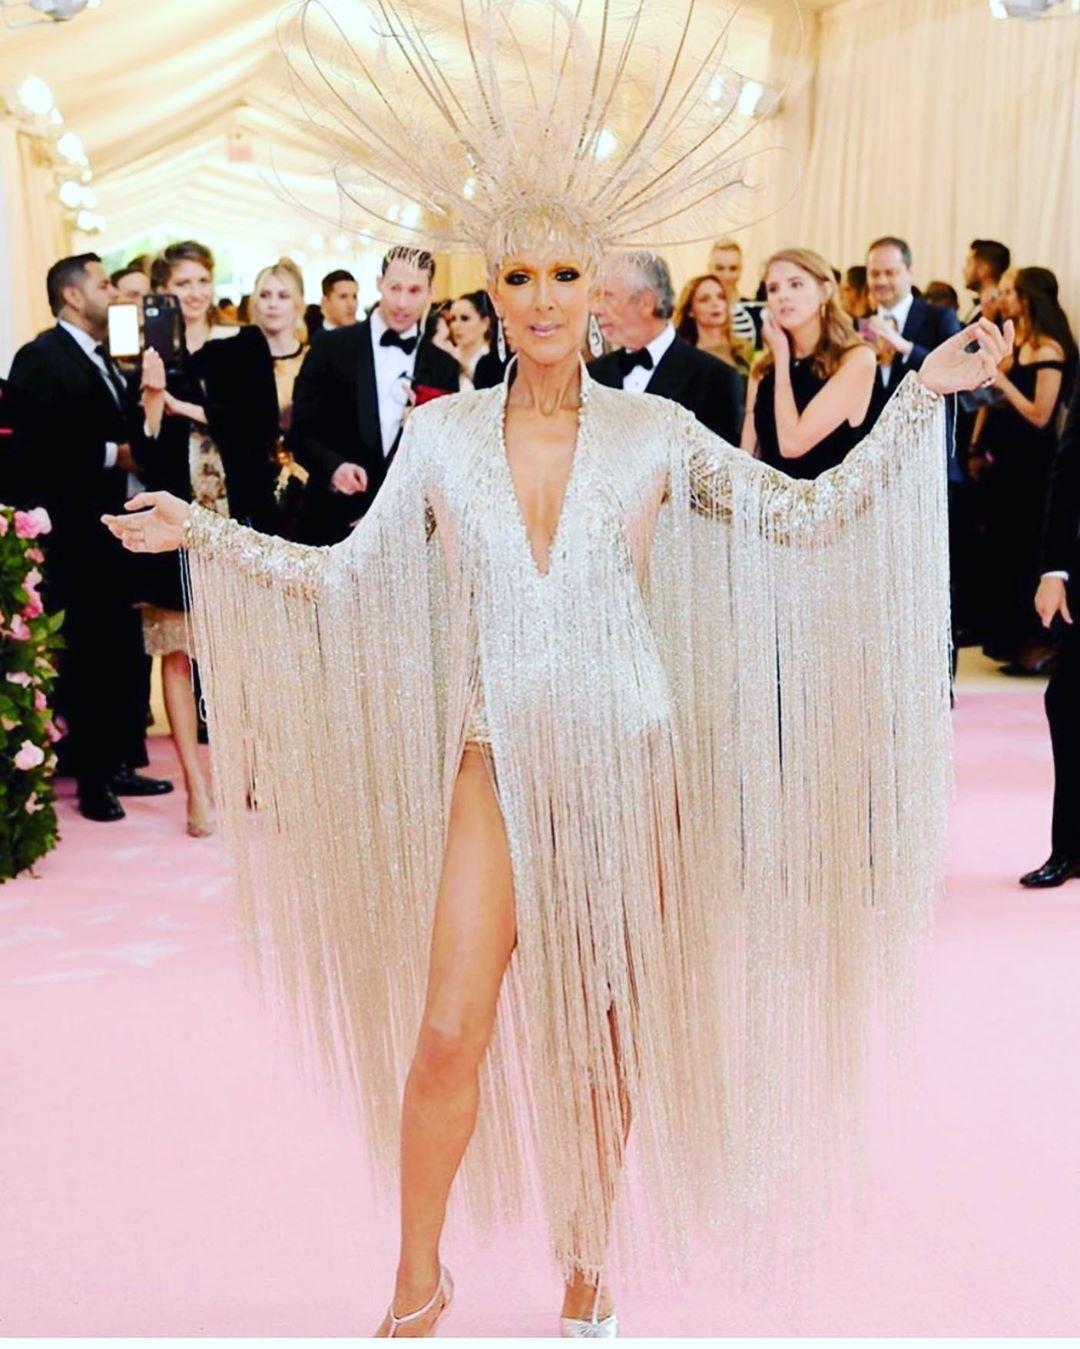 Queen Celine Celinedion Metgala Fashion Style Smallbusiness Love Luxe Looks Beauty Food Queen Celine Celinedion Met Gala Wardrobe Stylist Fashion